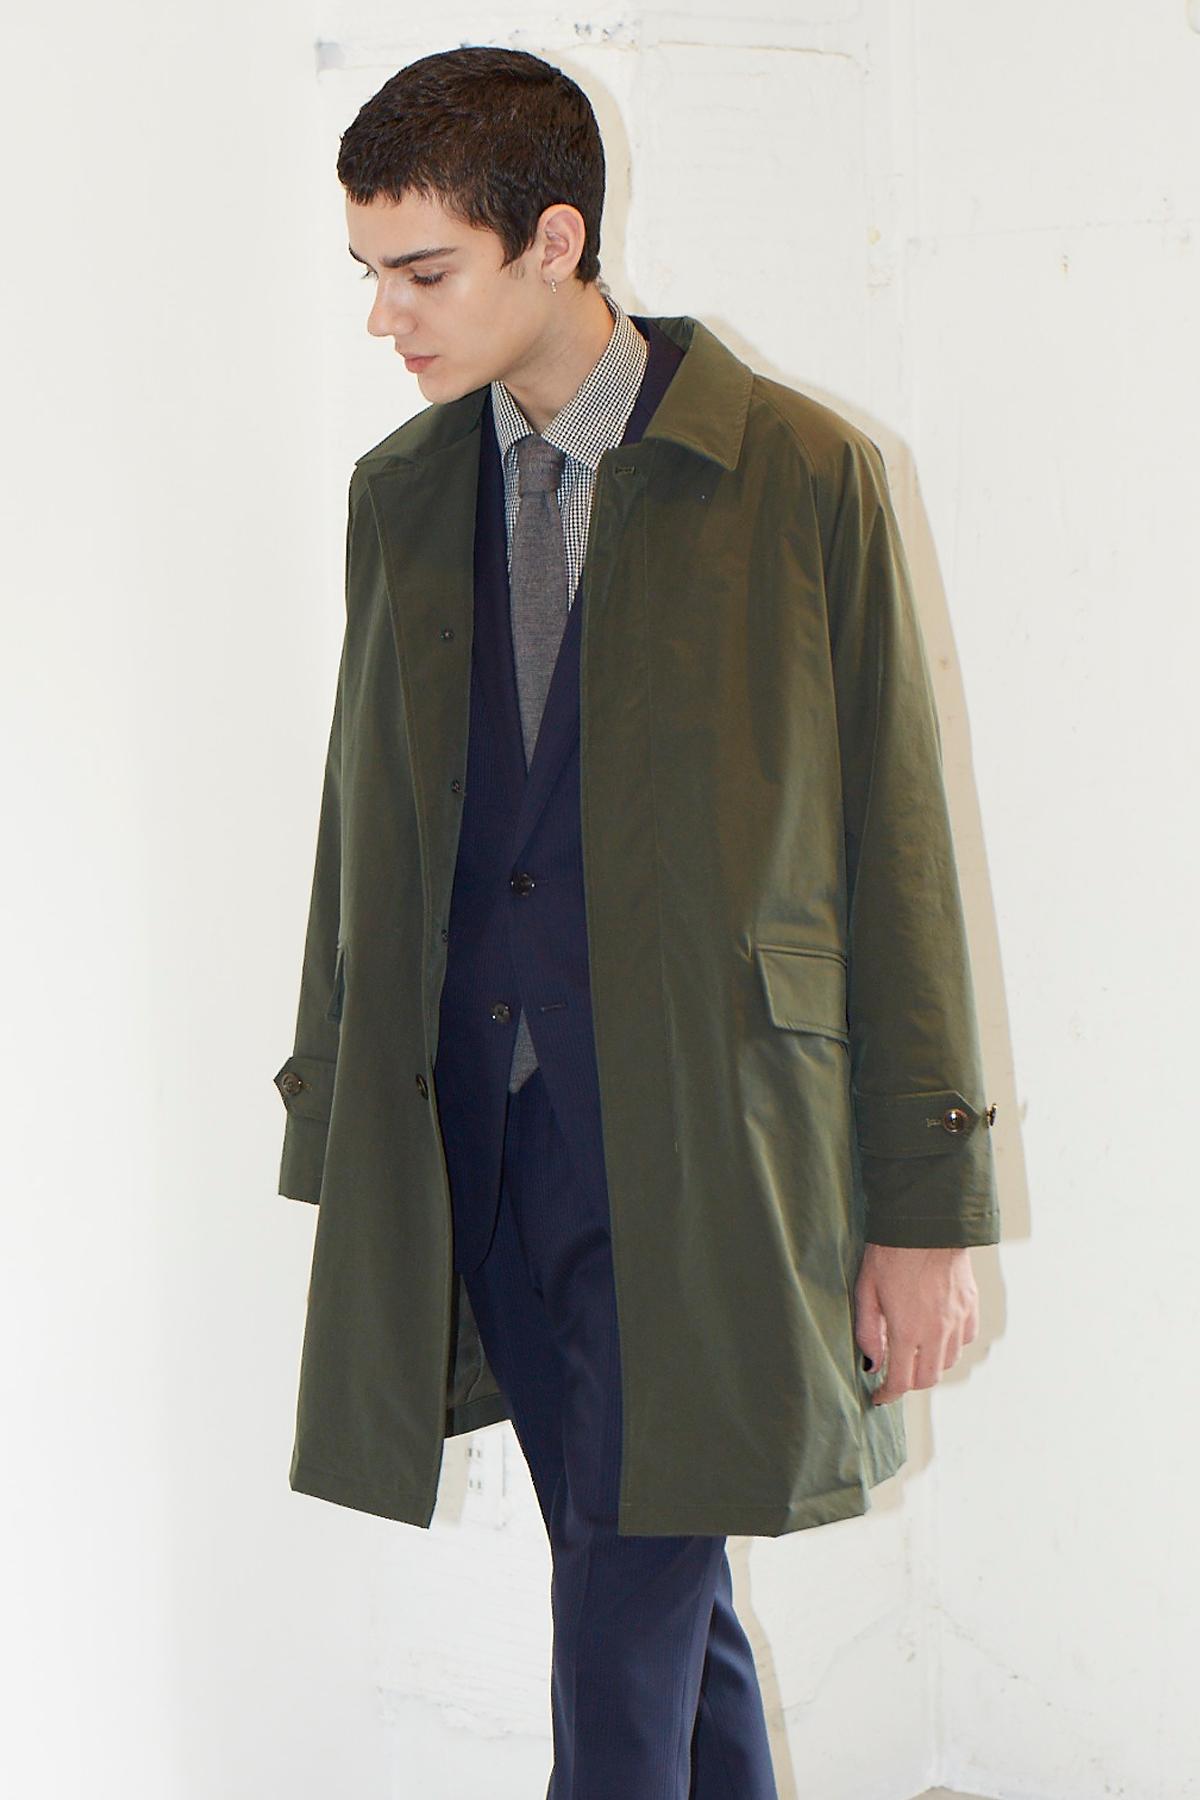 秋、冬、春と長く着られる。発熱性素材「コマサーモ」を使用した、薄くてかさばらないのに暖かいコート|SANYOCOAT サンヨーコート(HEATIER)